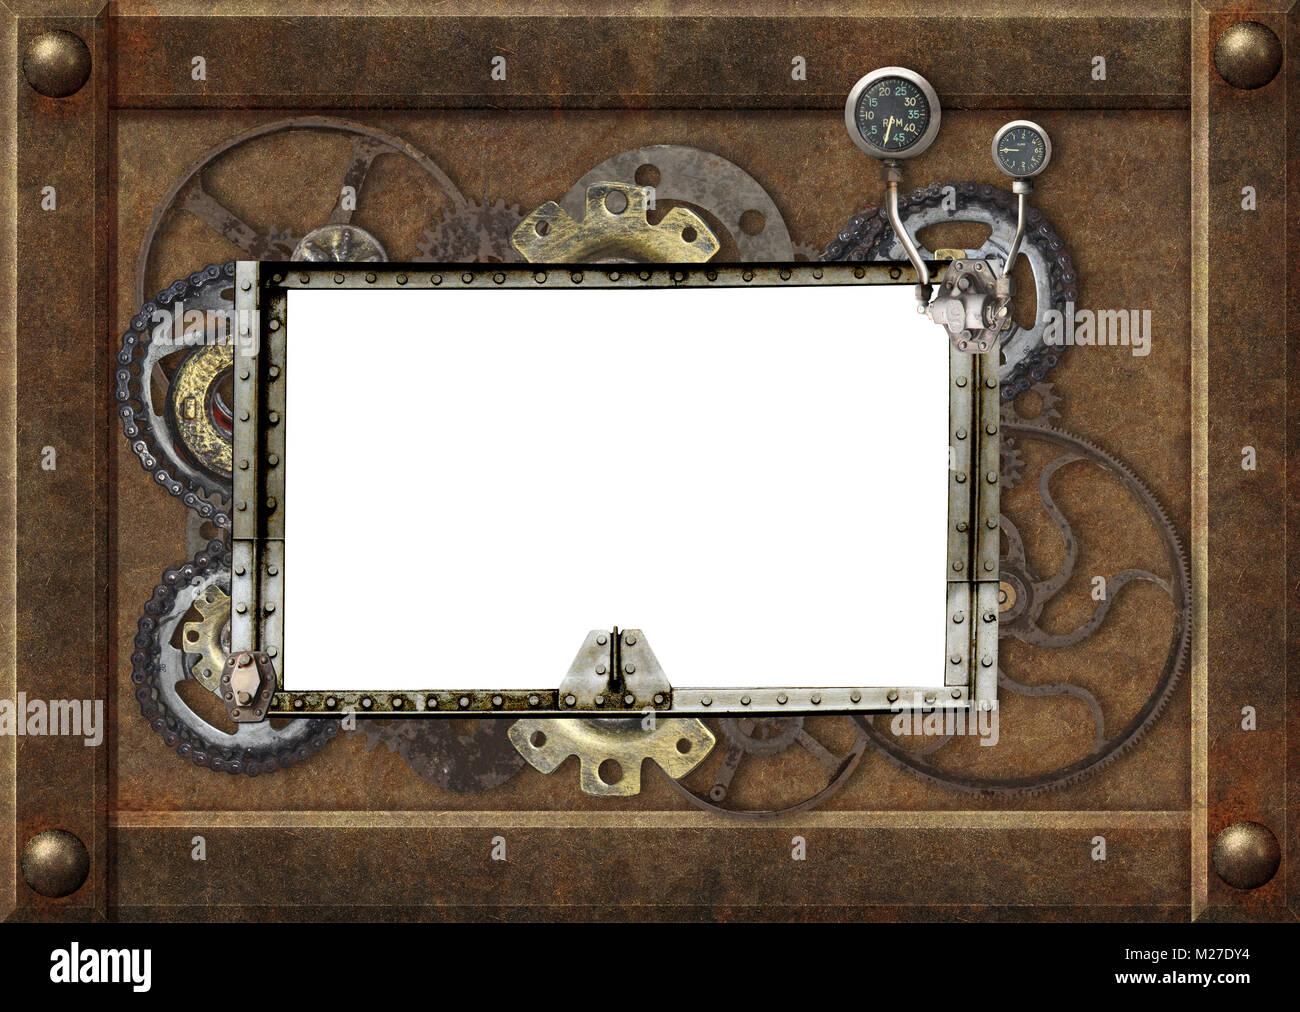 Ziemlich Bilderrahmen Die Maschine Galerie - Benutzerdefinierte ...